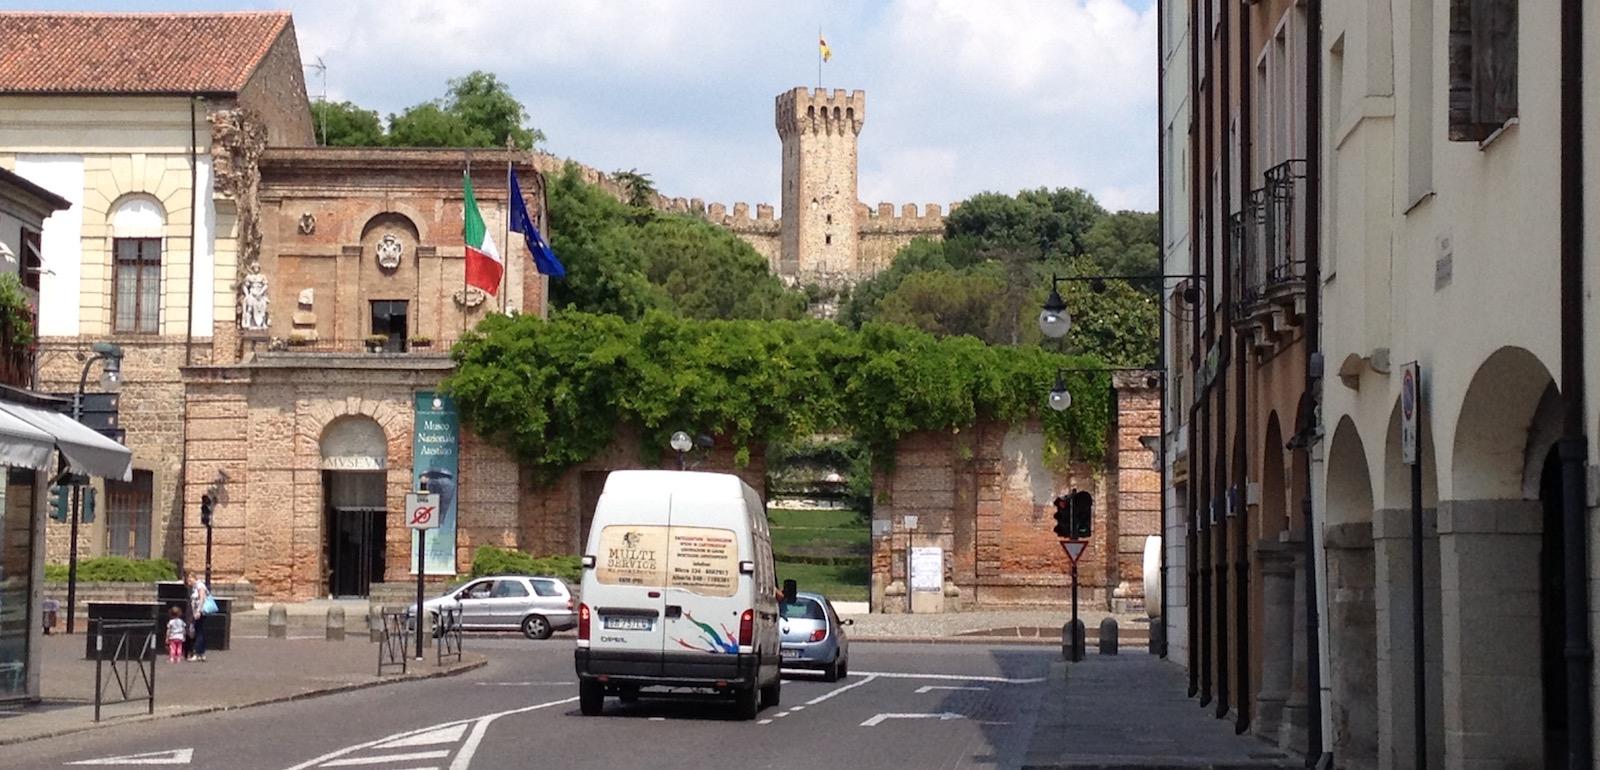 L'ingresso del Castello Carrarese di Este, città in cui l'Executive Chef vorrebbe vivere.